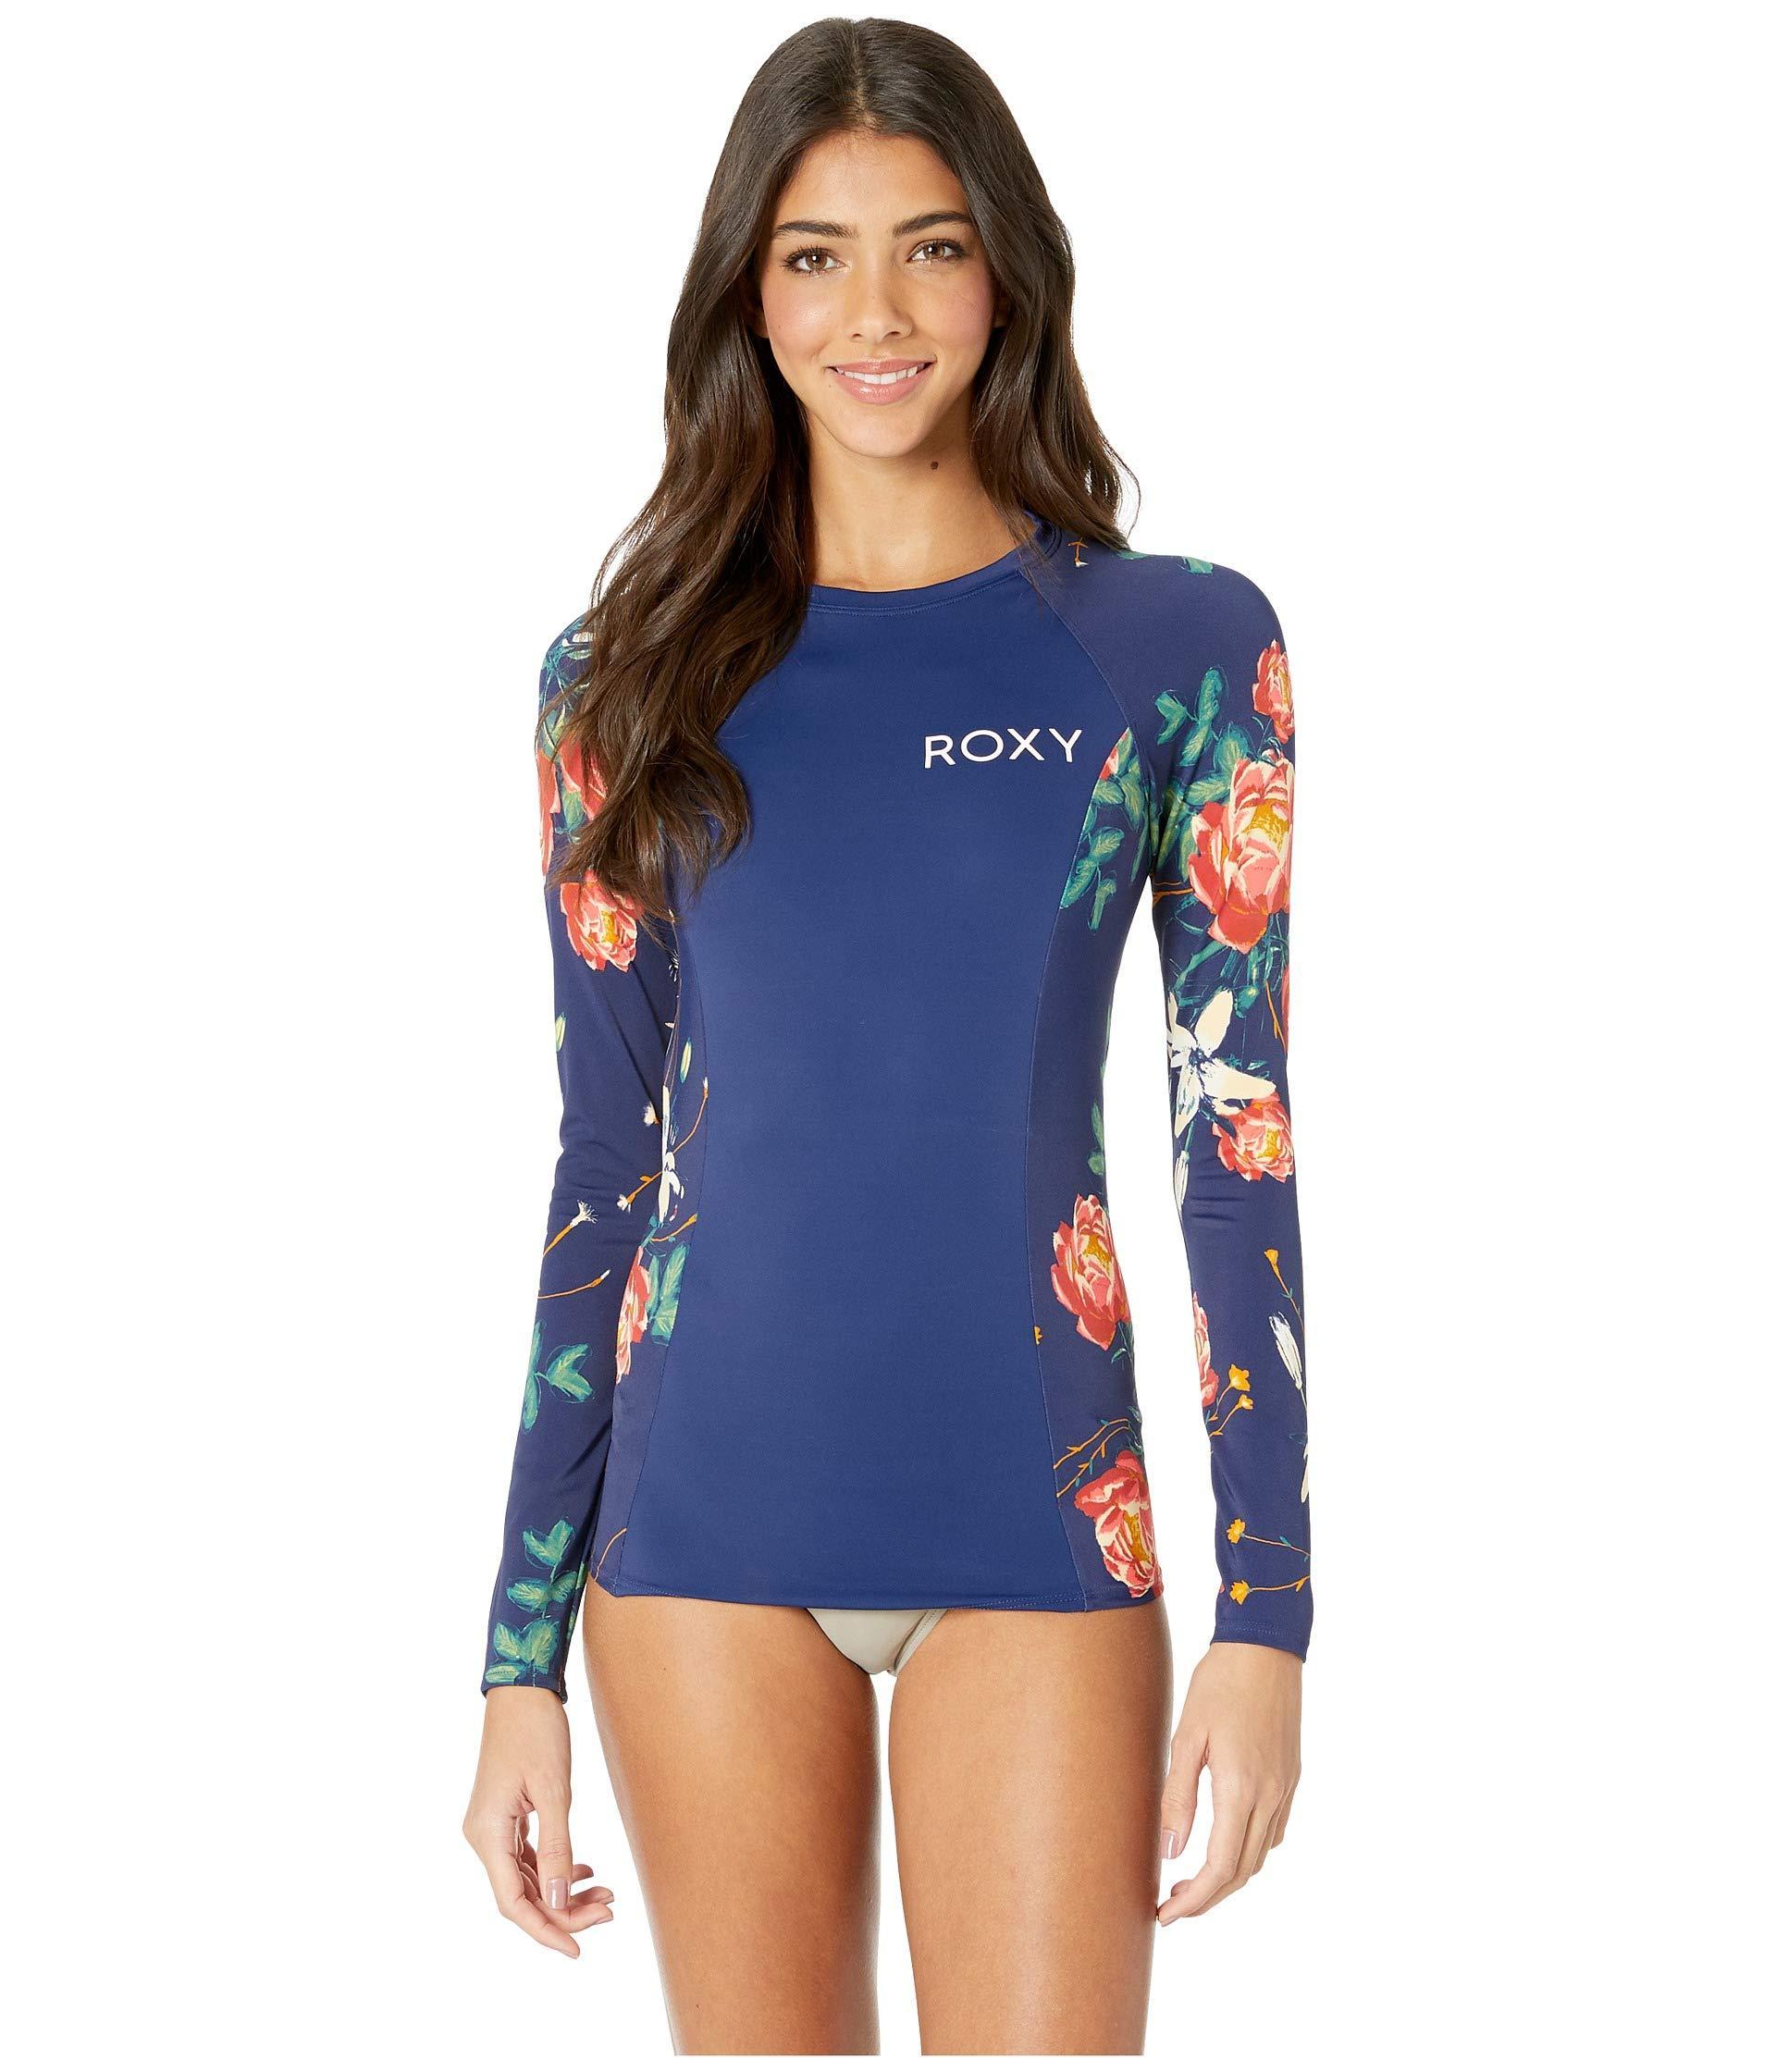 2e3a0853ce Roxy - Blue Long Sleeve Fashion Rashguard (cloud Pink Garden Lily) Women s  Swimwear -. View fullscreen